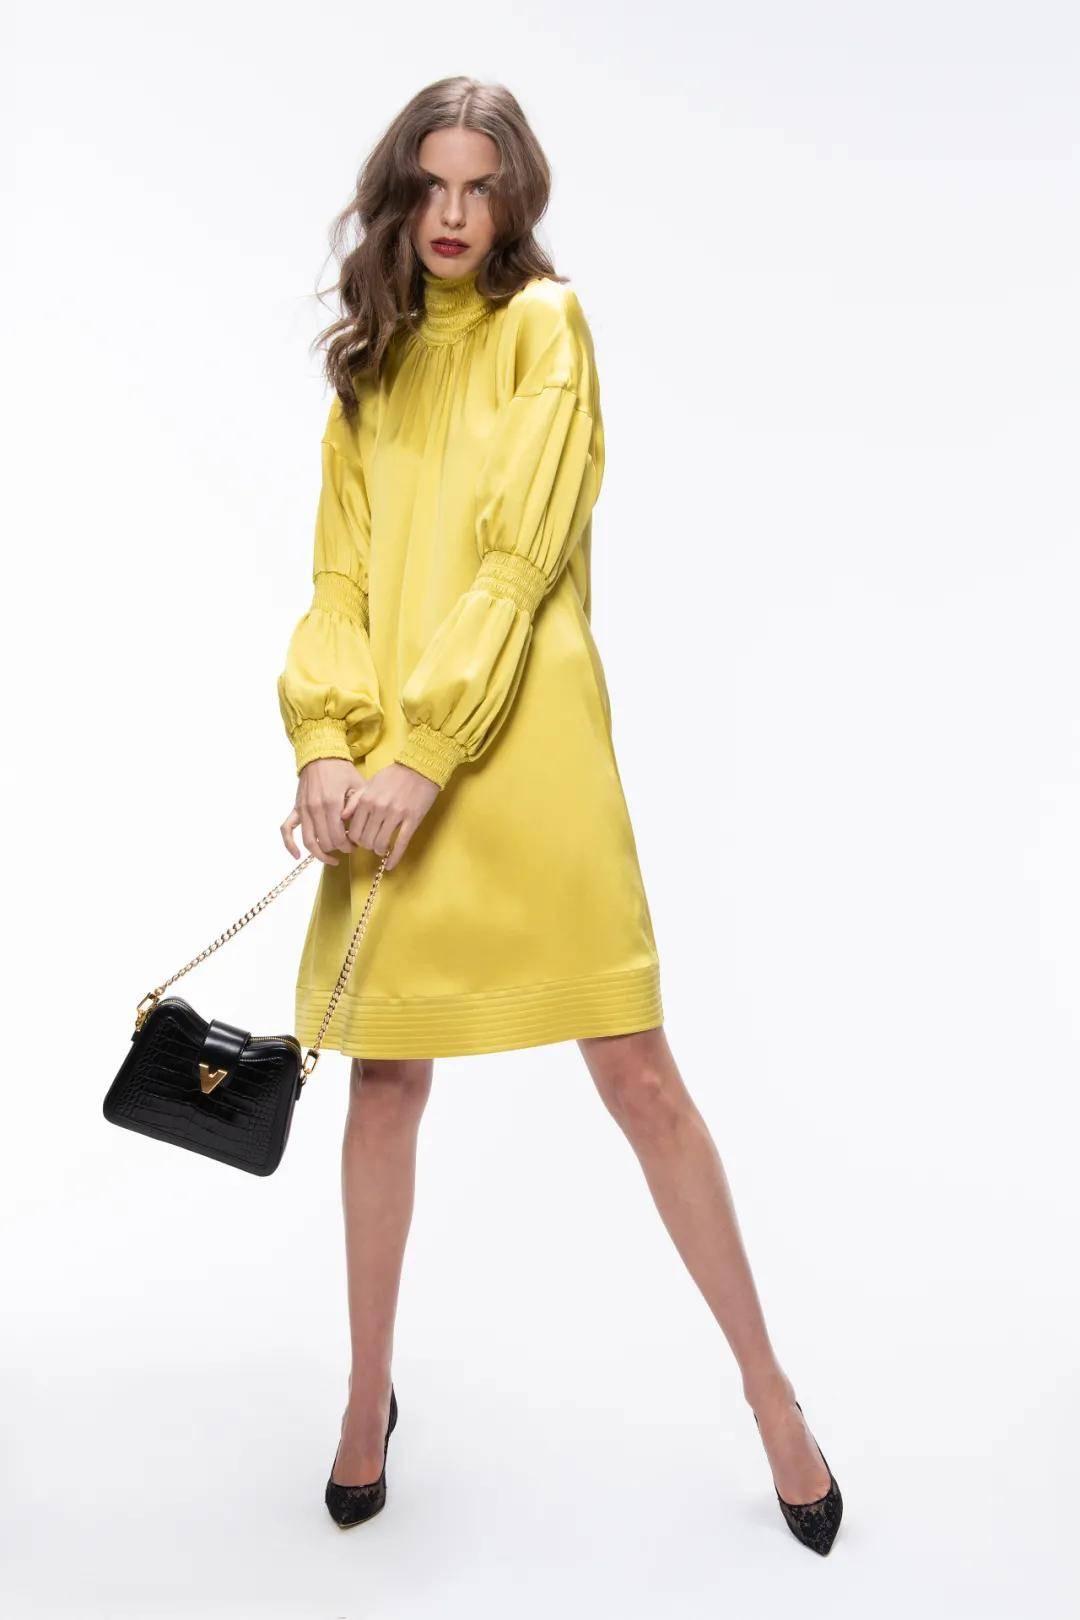 Vivienne Hu秋冬2021纽约时装周线上大秀暗流汹涌